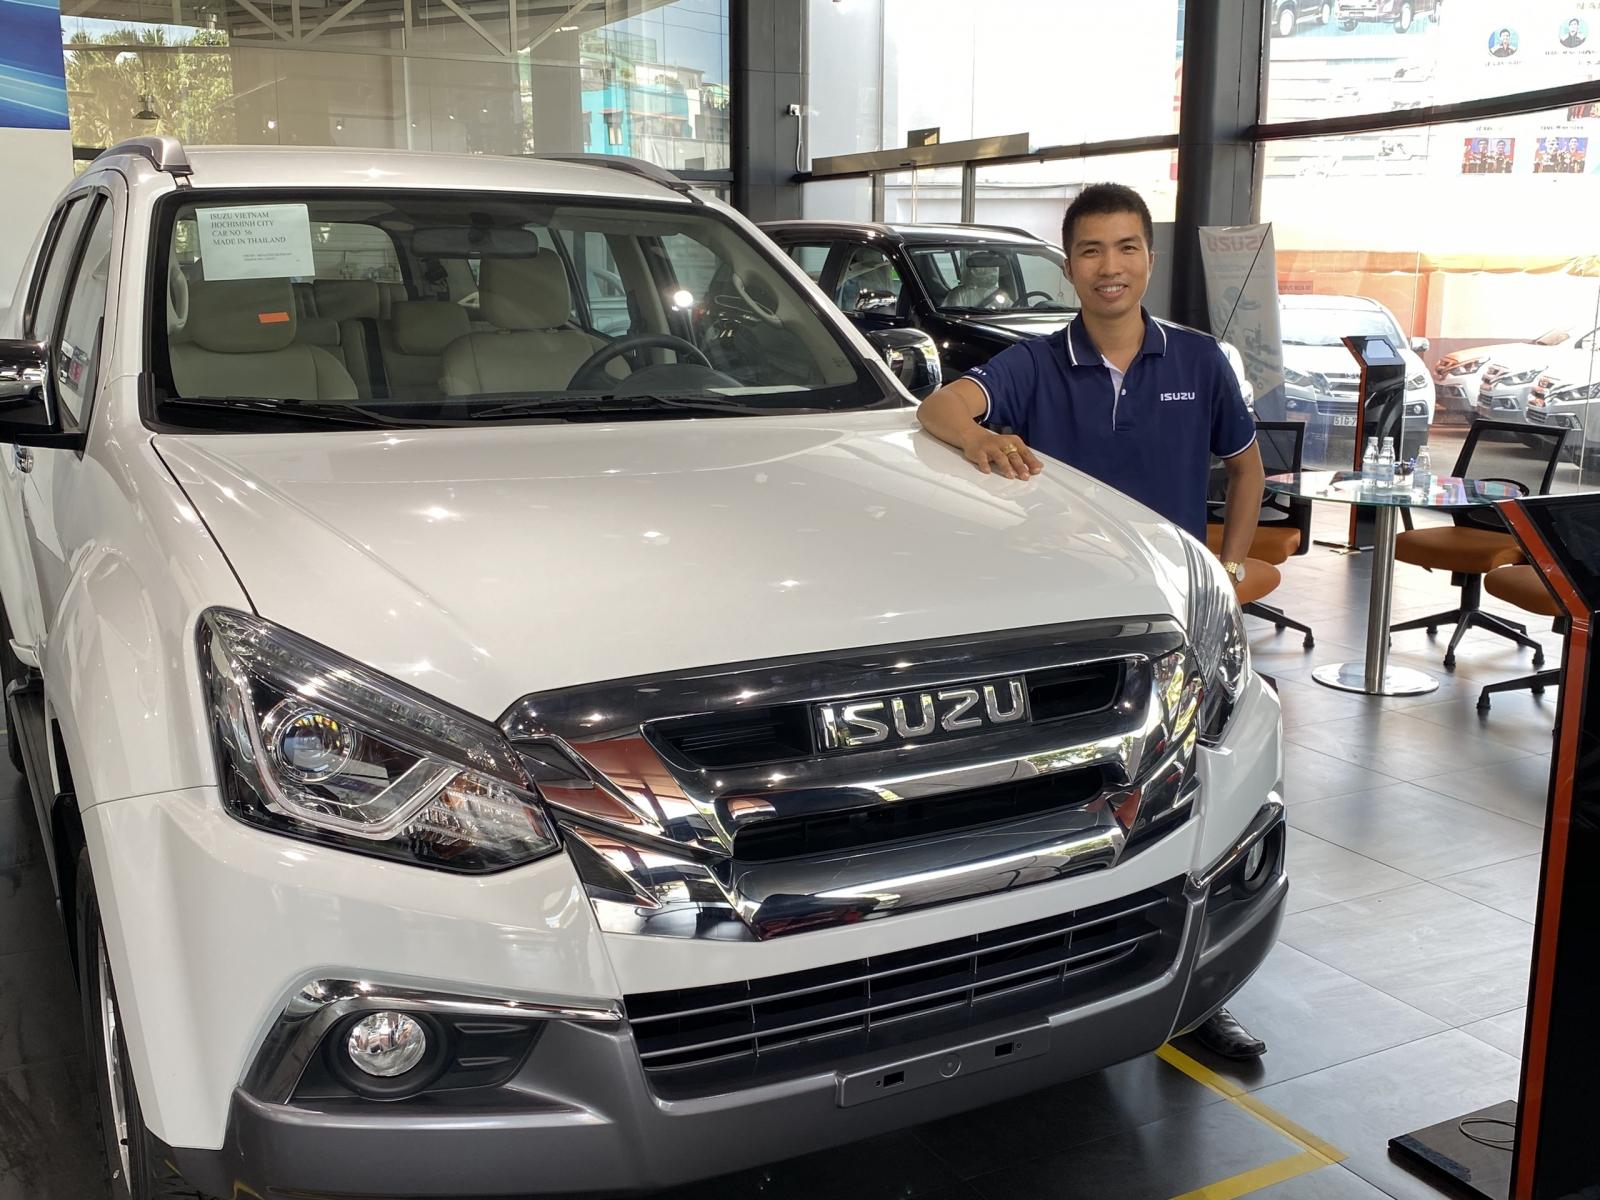 Cập nhật ✅ Bảng giá xe Isuzu 2020 mới nhất tại Việt Nam ✅ Giá xe Isuzu MU-X, D-MAX AT, MT... tháng 04 năm 2020. Liên hệ lái thử: 0902381323 Mr. Hóa.